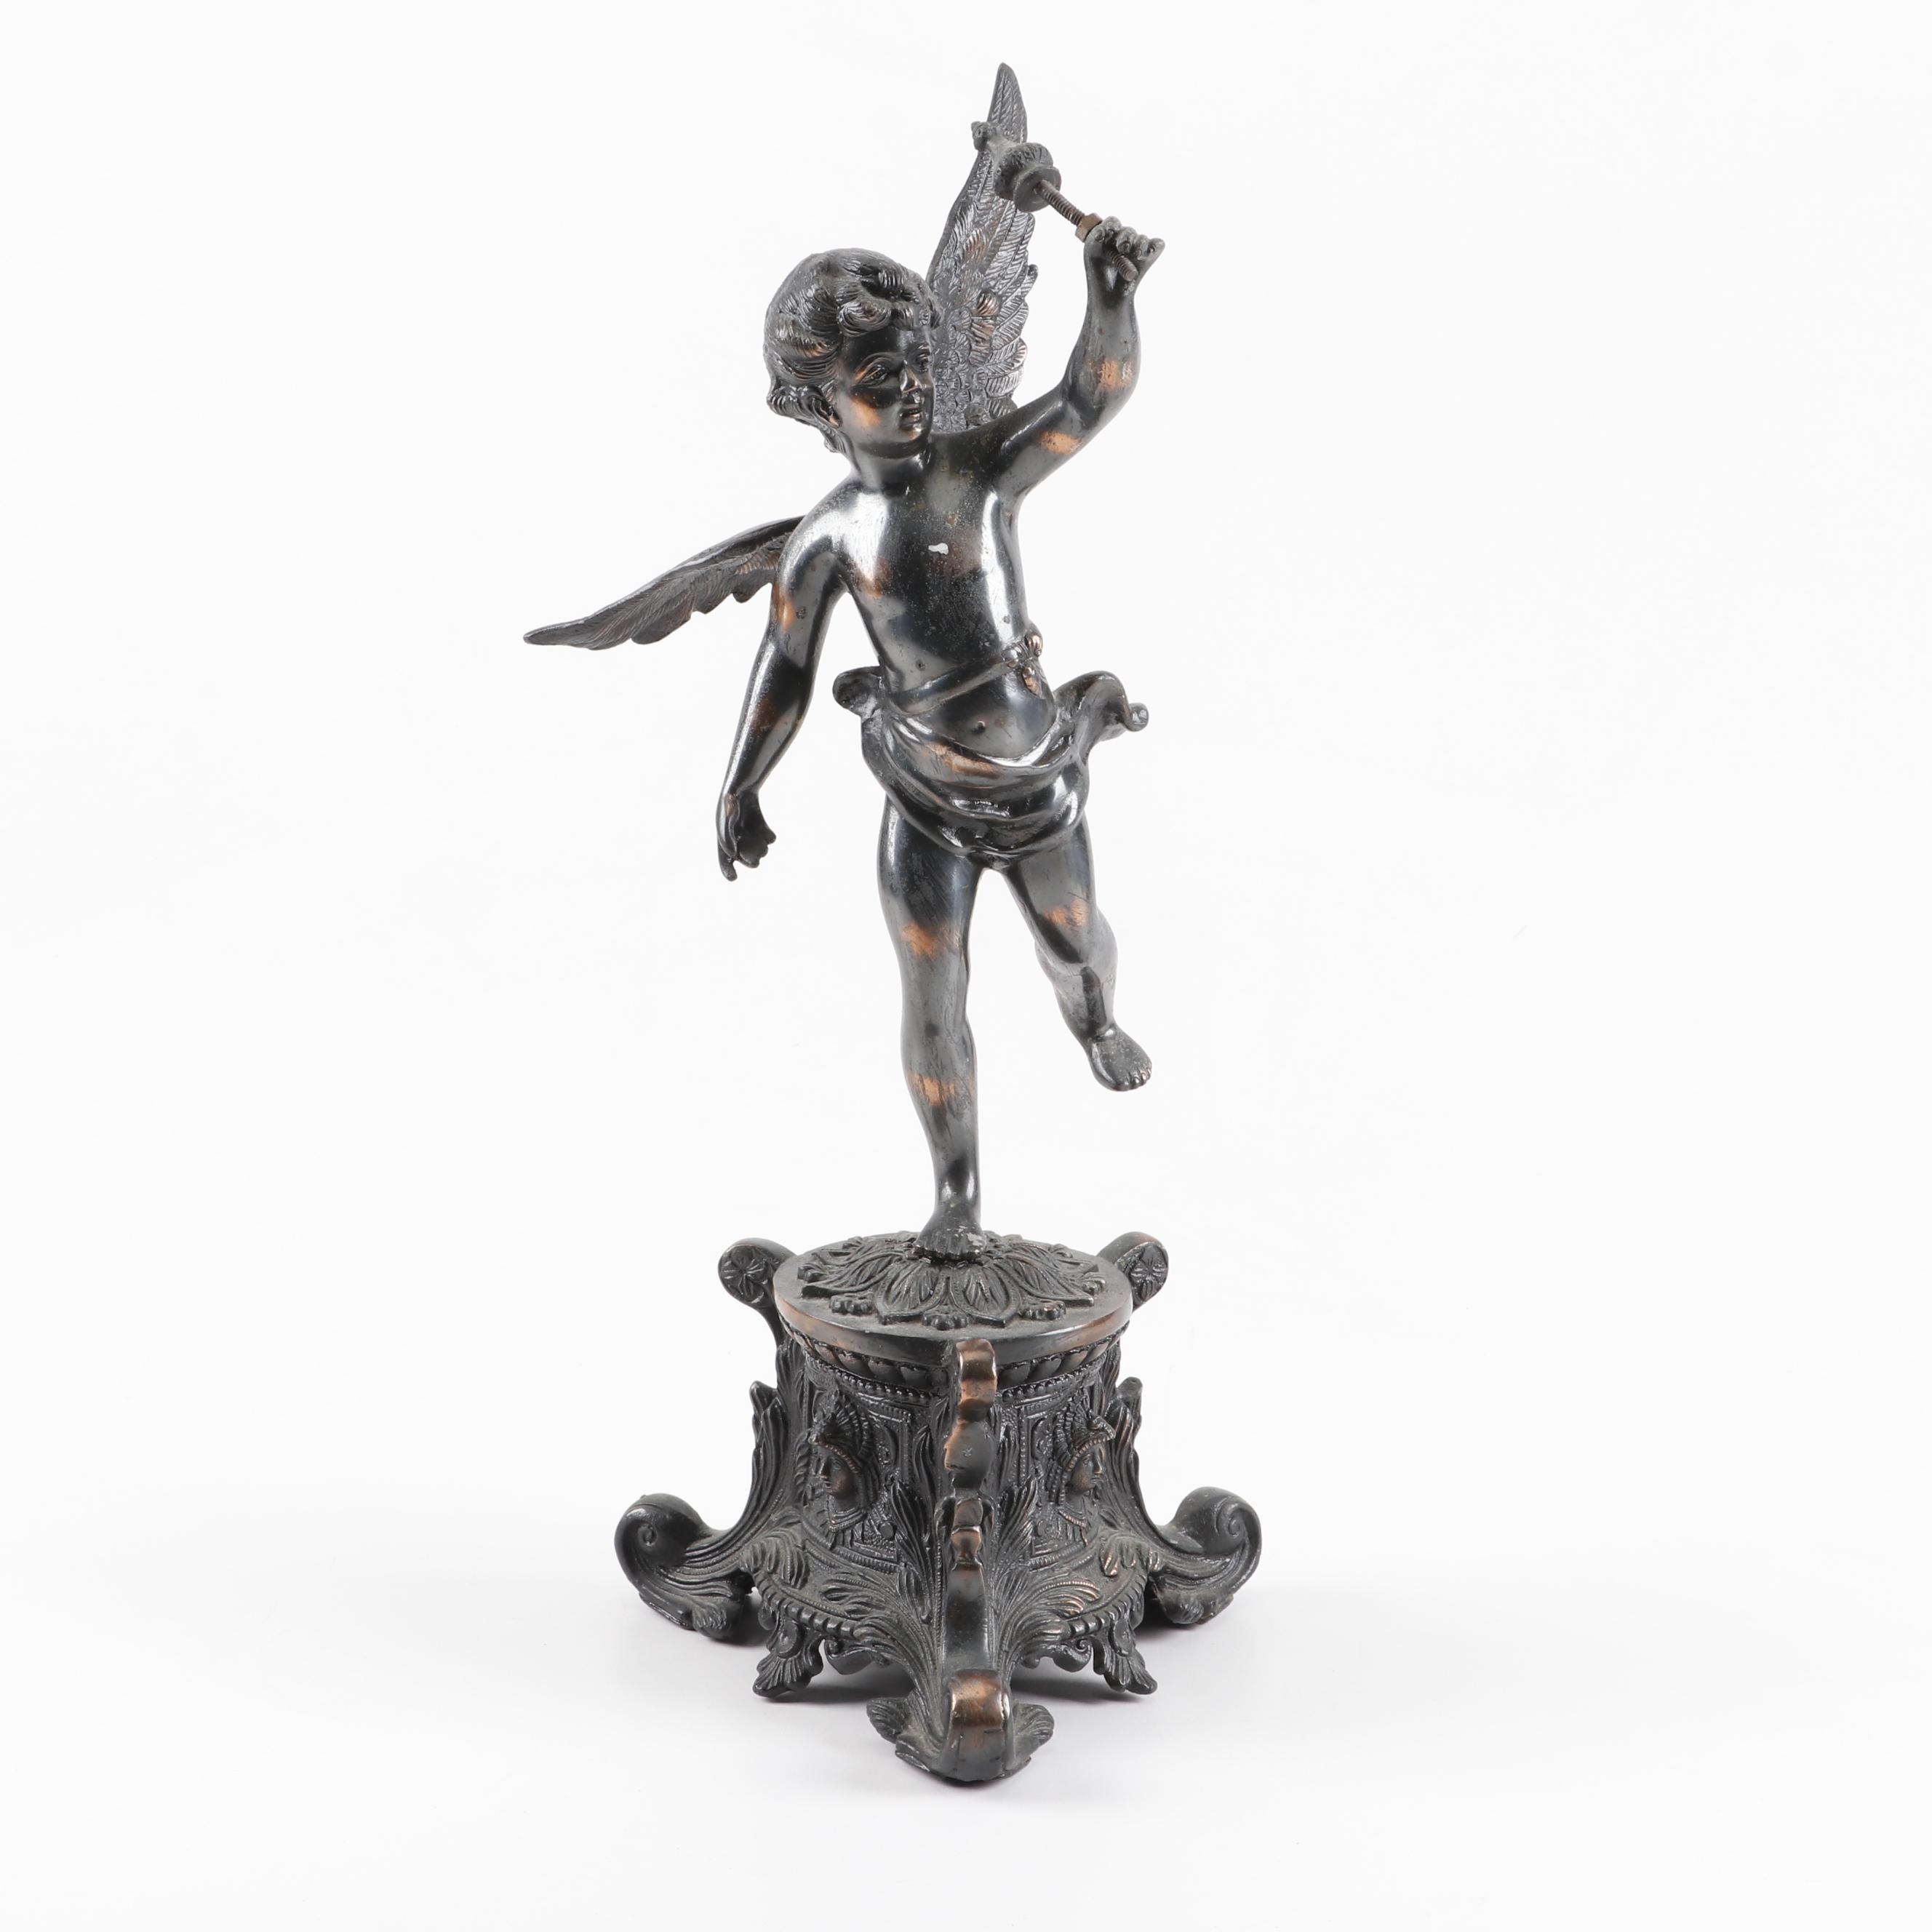 Cast Metal Renaissance Revival Winged Cherub Statue